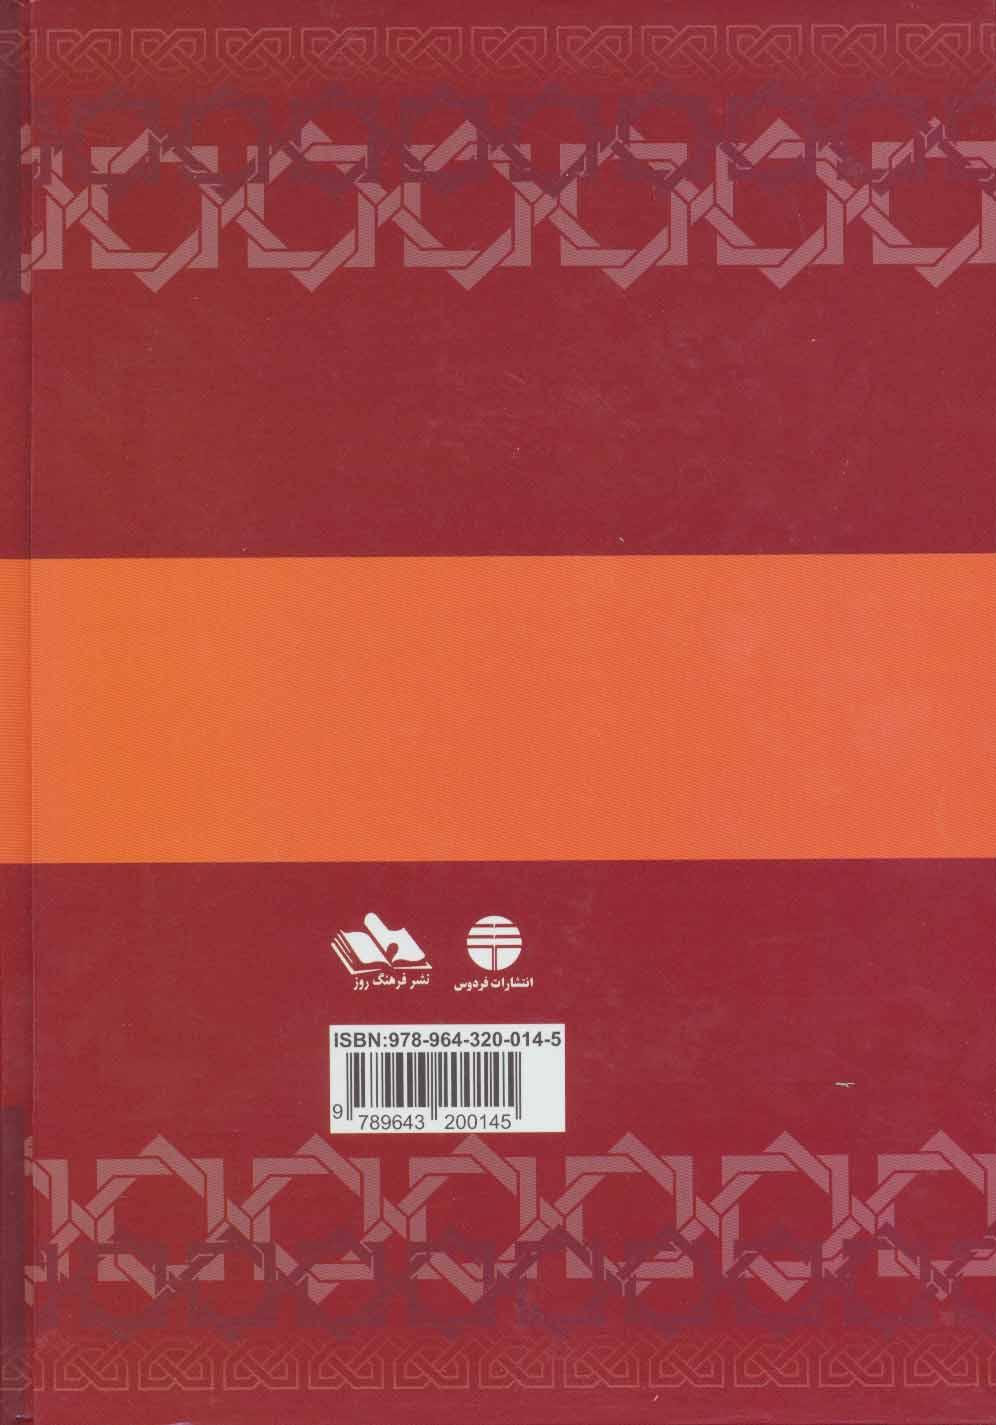 حماسه سرایی در ایران (از قدیمترین عهد تاریخی تا قرن چهاردهم هجری)